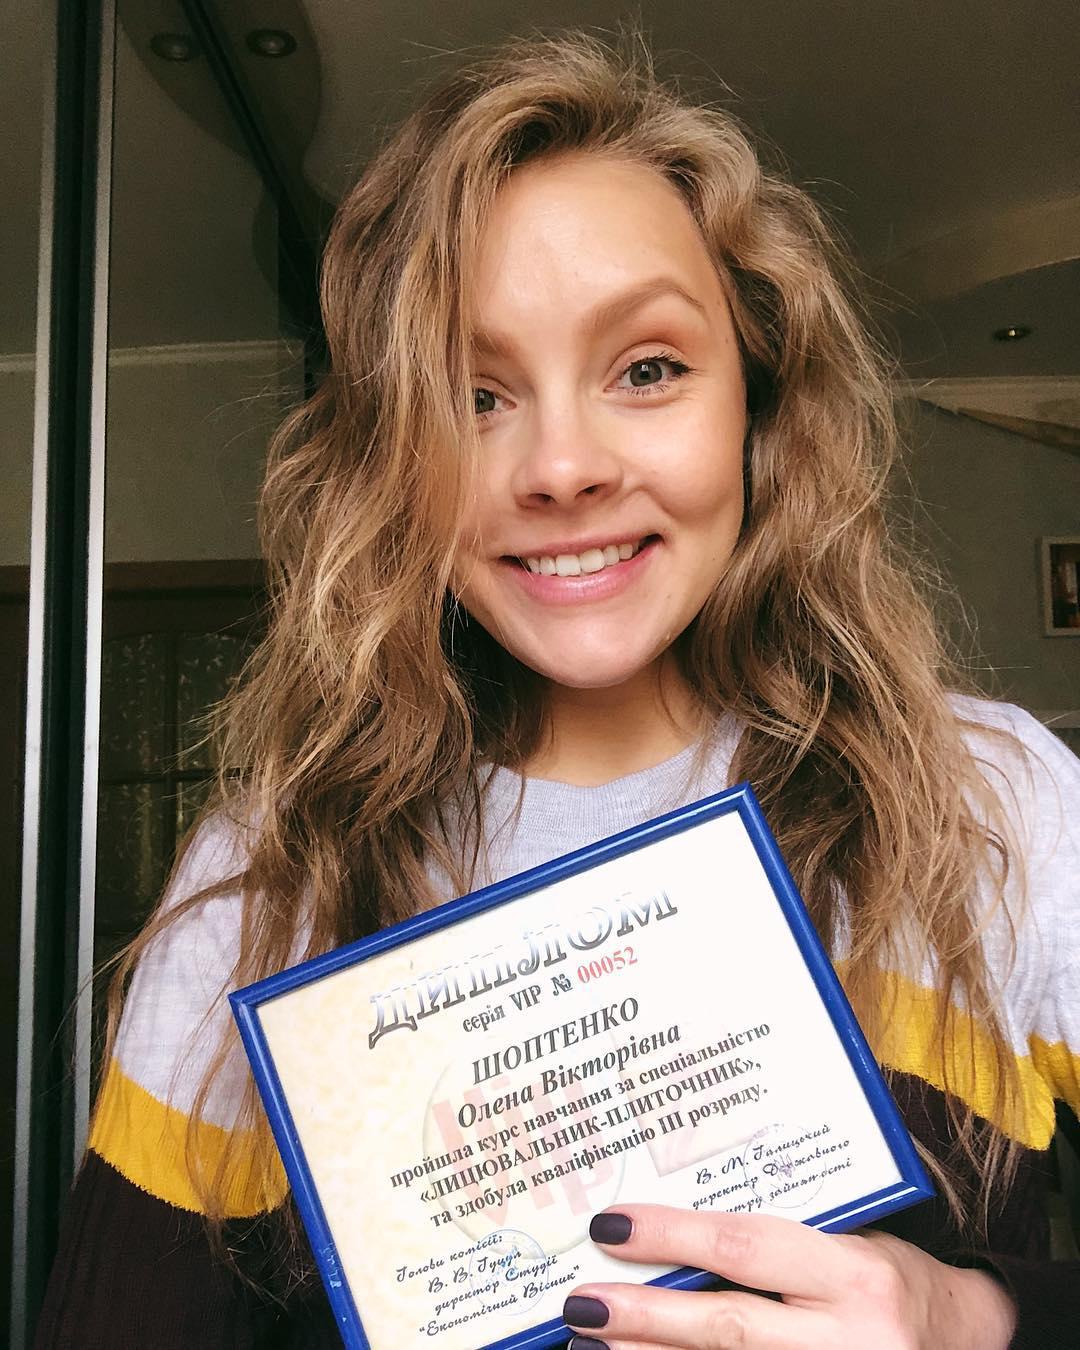 Шоптенко получила диплом облицовщика-плиточника